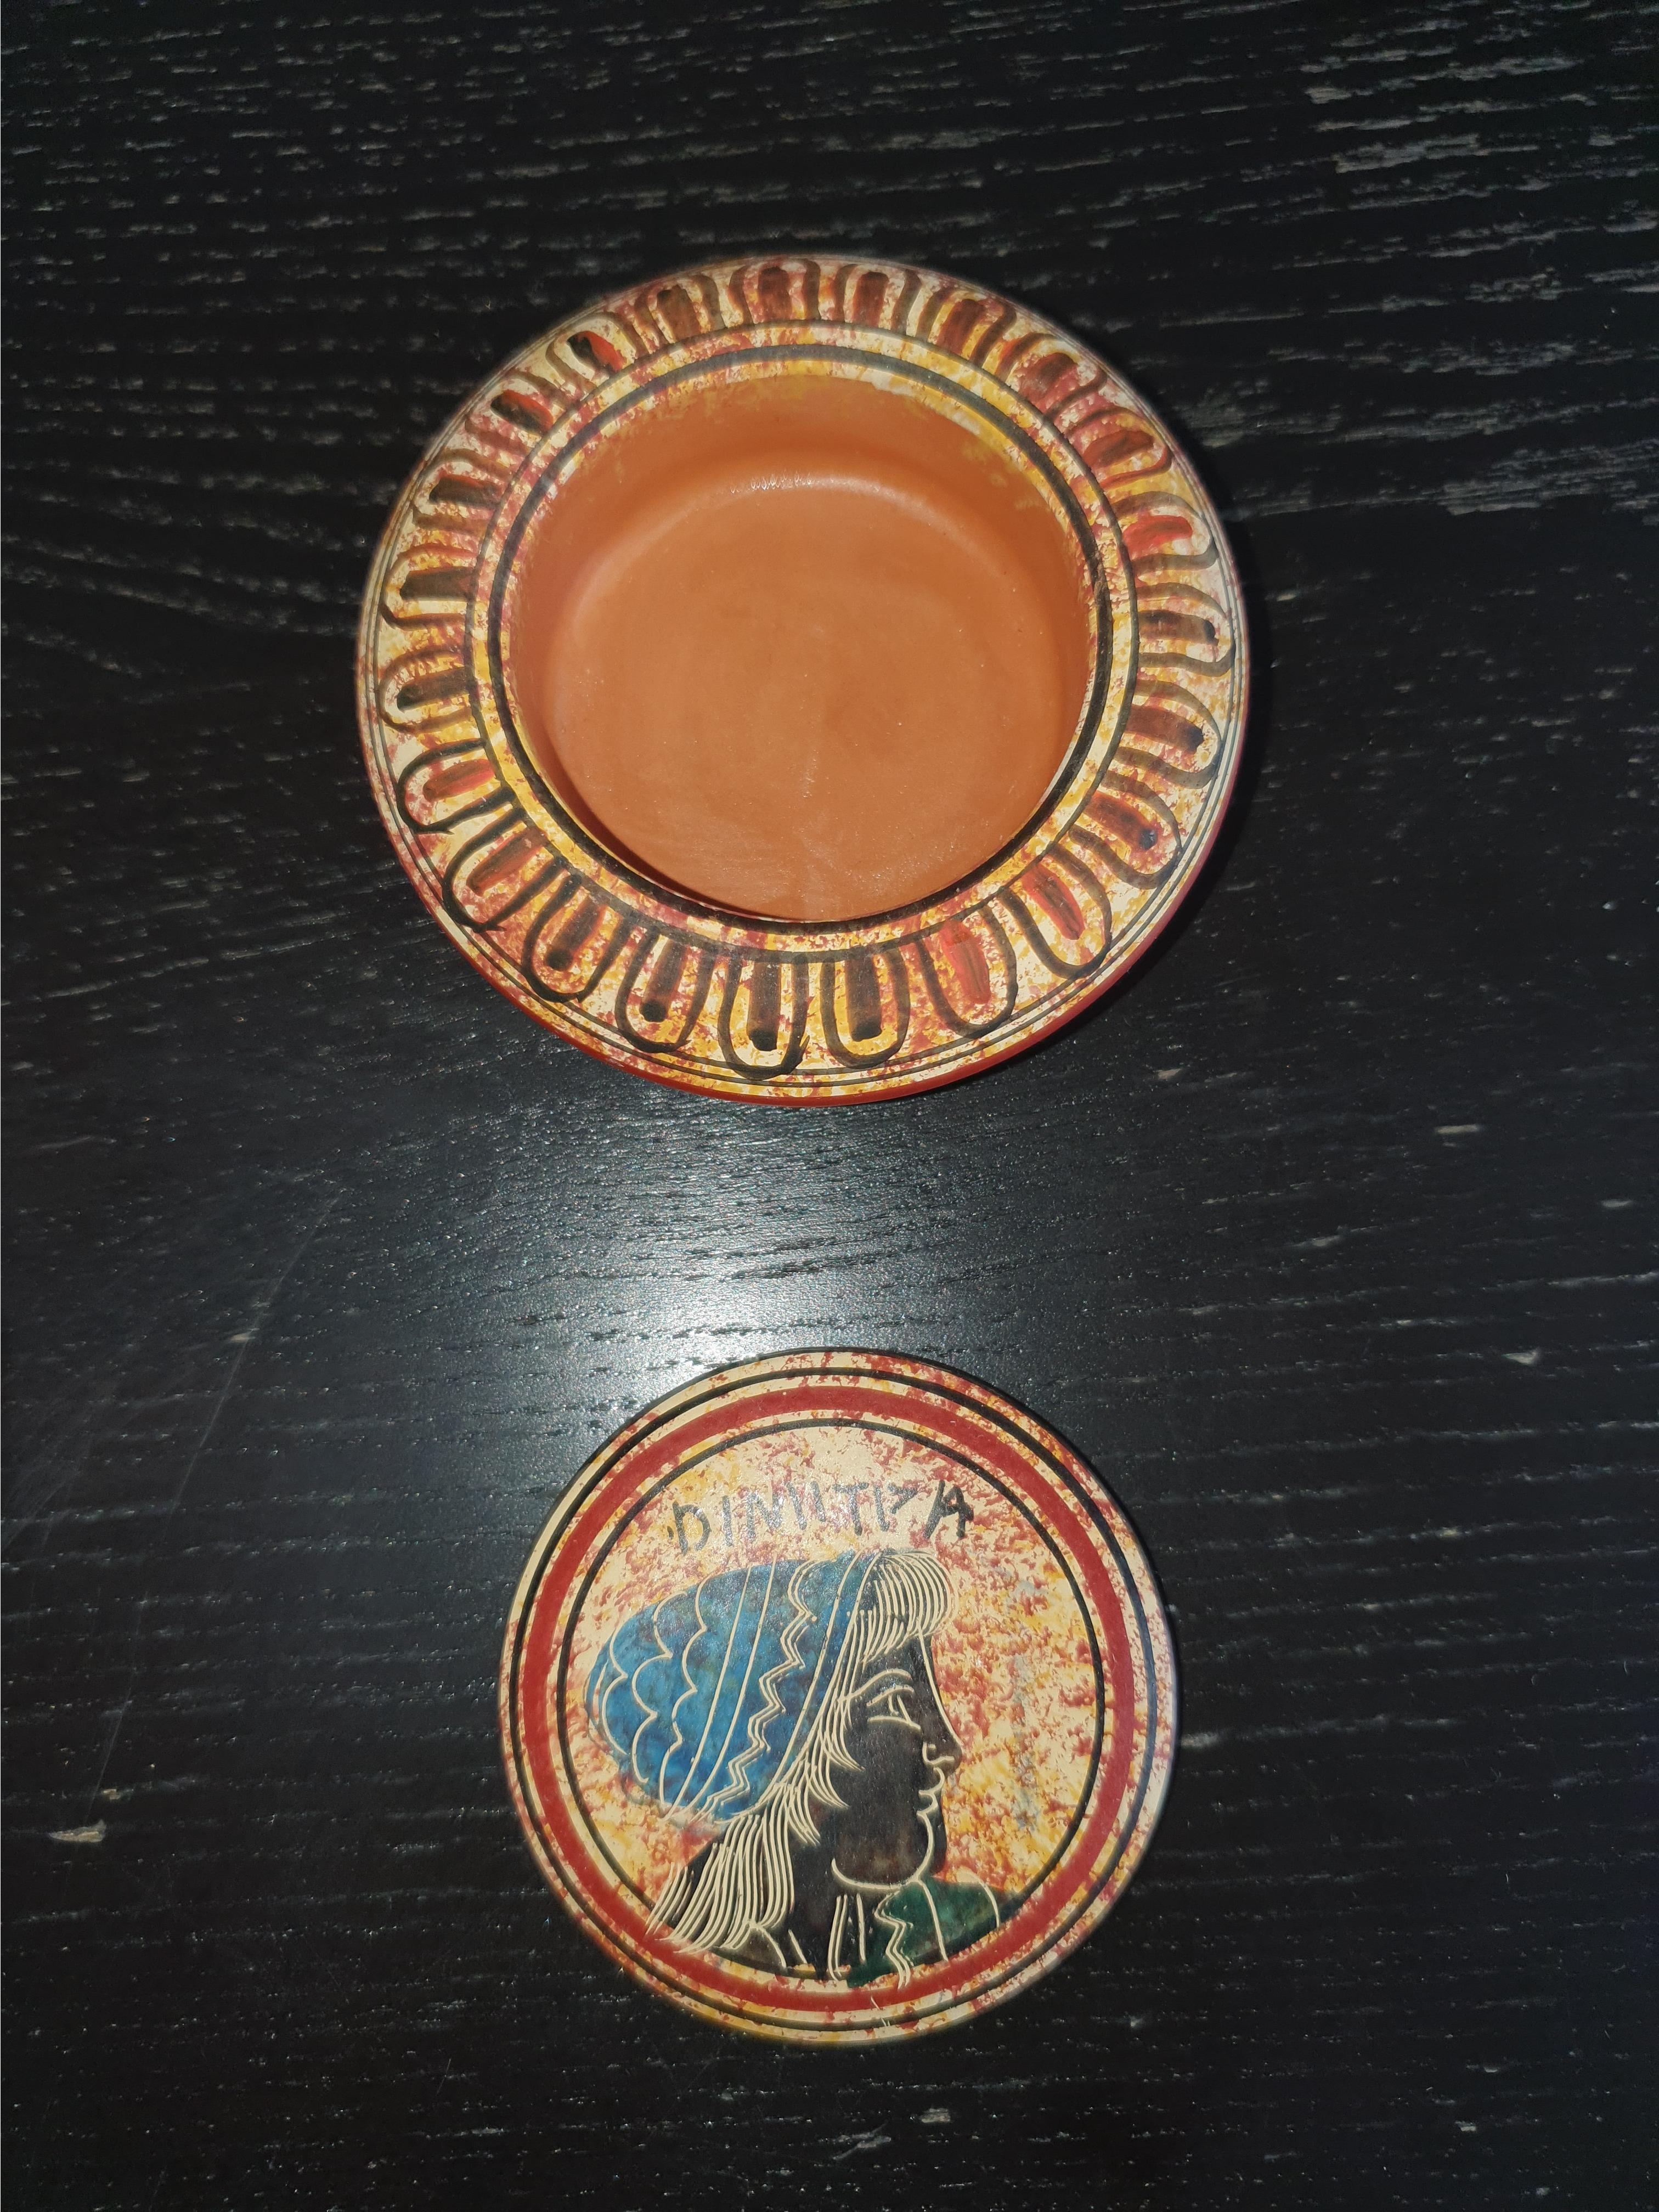 troc de troc petite boite grecque en poterie image 1